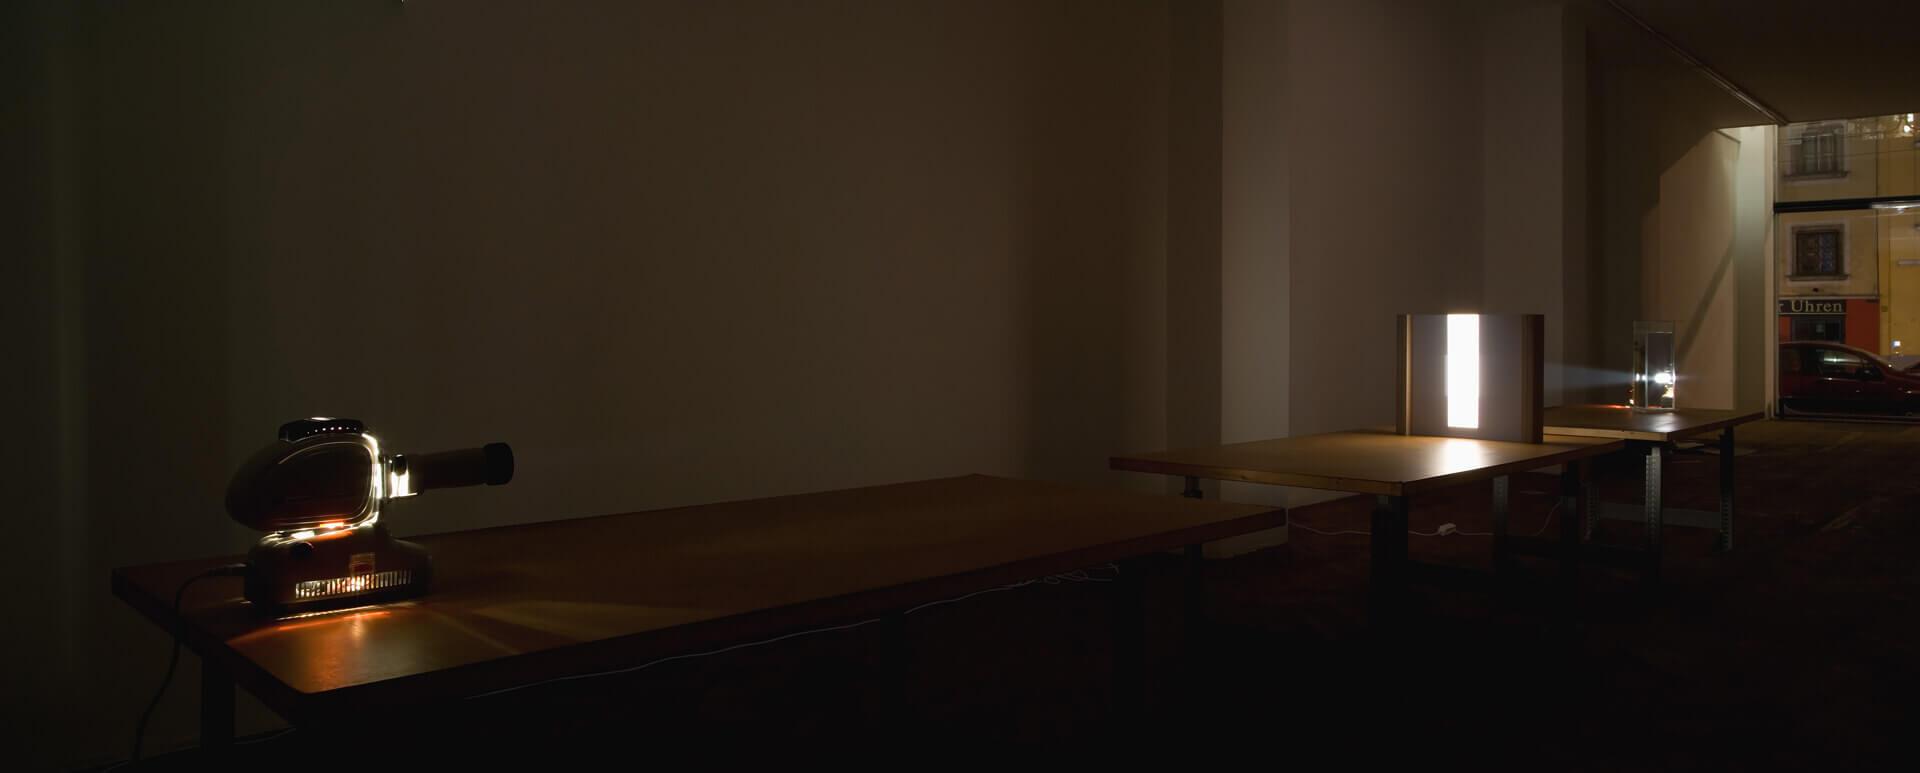 Lichtinstallation_Galerie_Hubert_Winter_2009_Ingo Nussbaumer